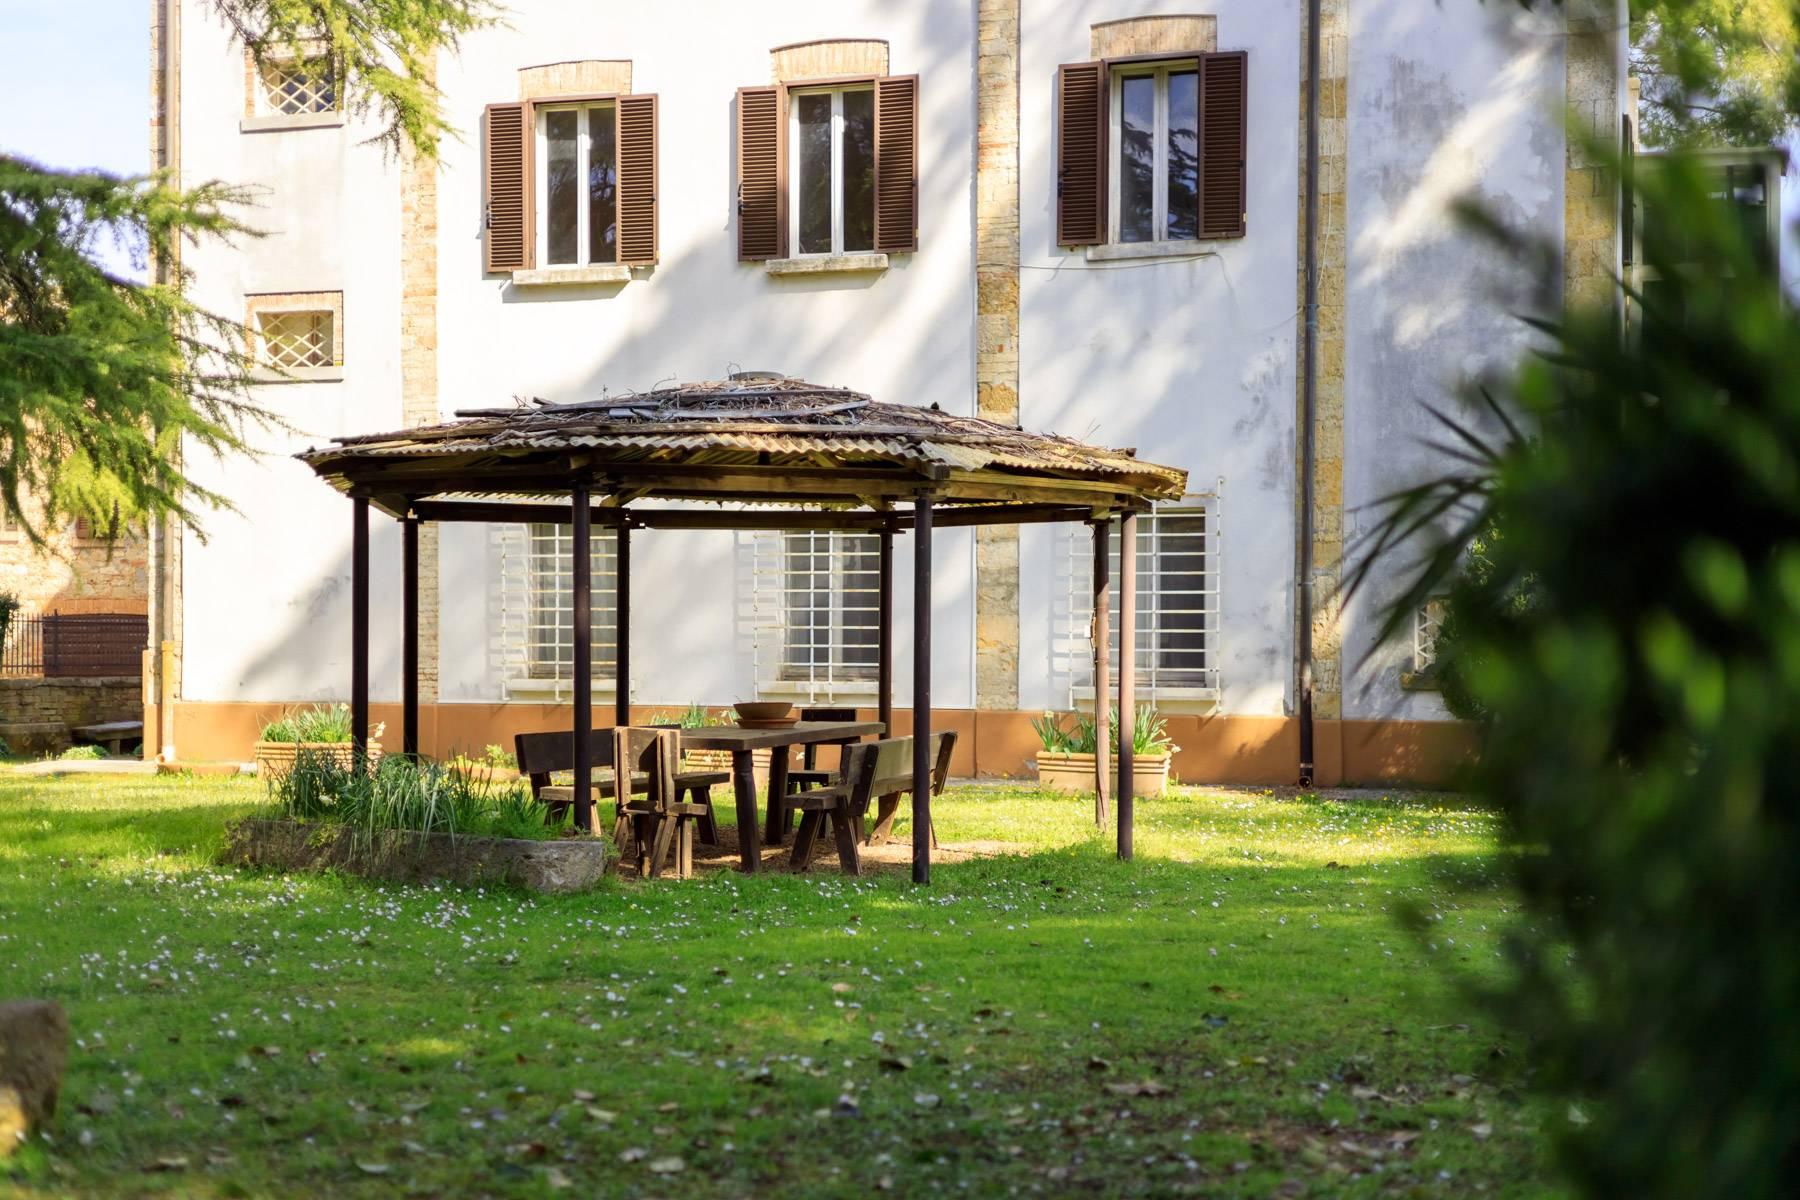 Prächtige historische Villa mit neoklassizistischer Kapelle und Park - 27